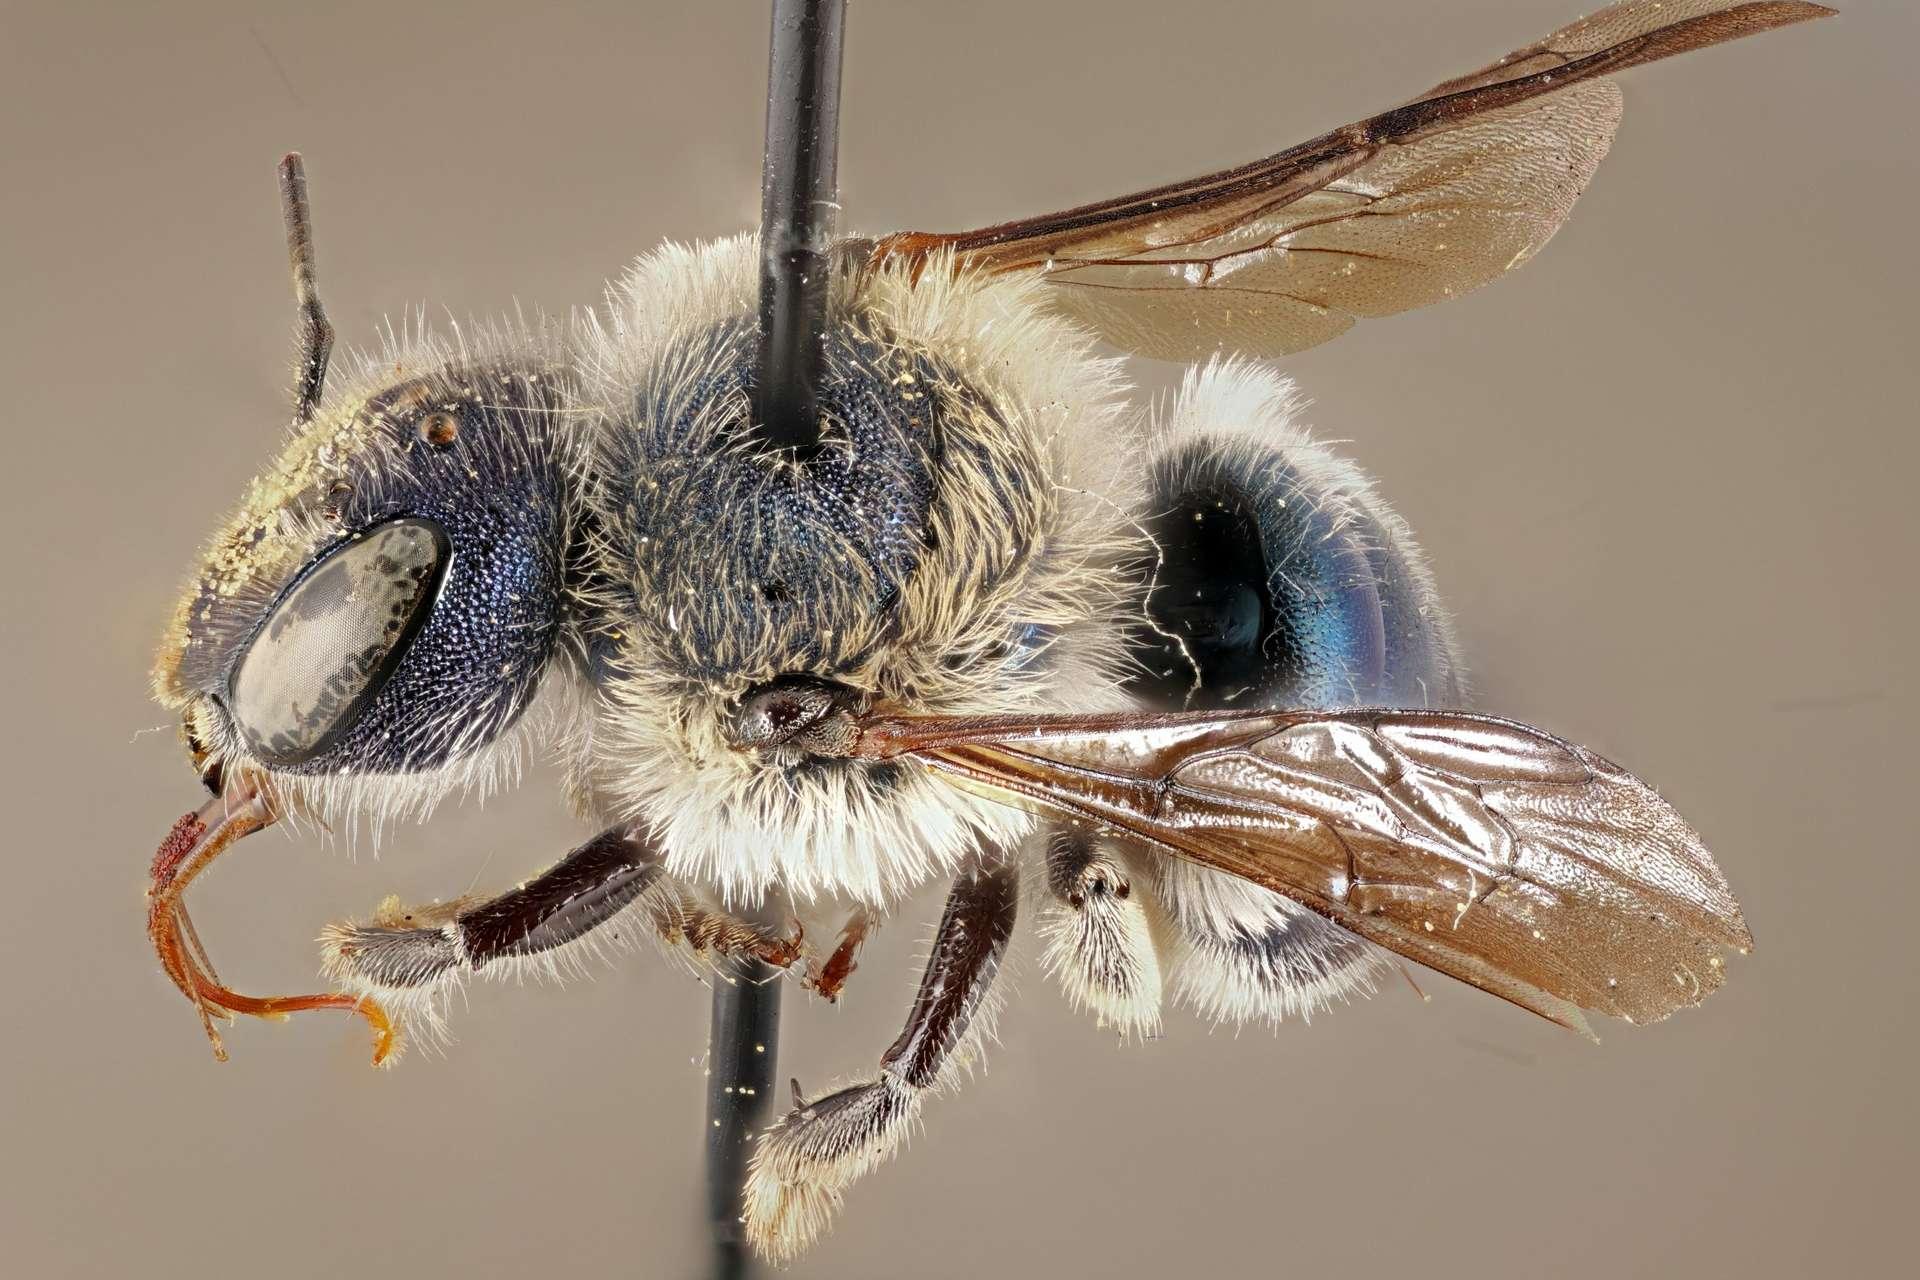 Un spécimen d'abeille bleue capturée près du Lac Placide en Floride. © Florida Museum, Chase Kimmel